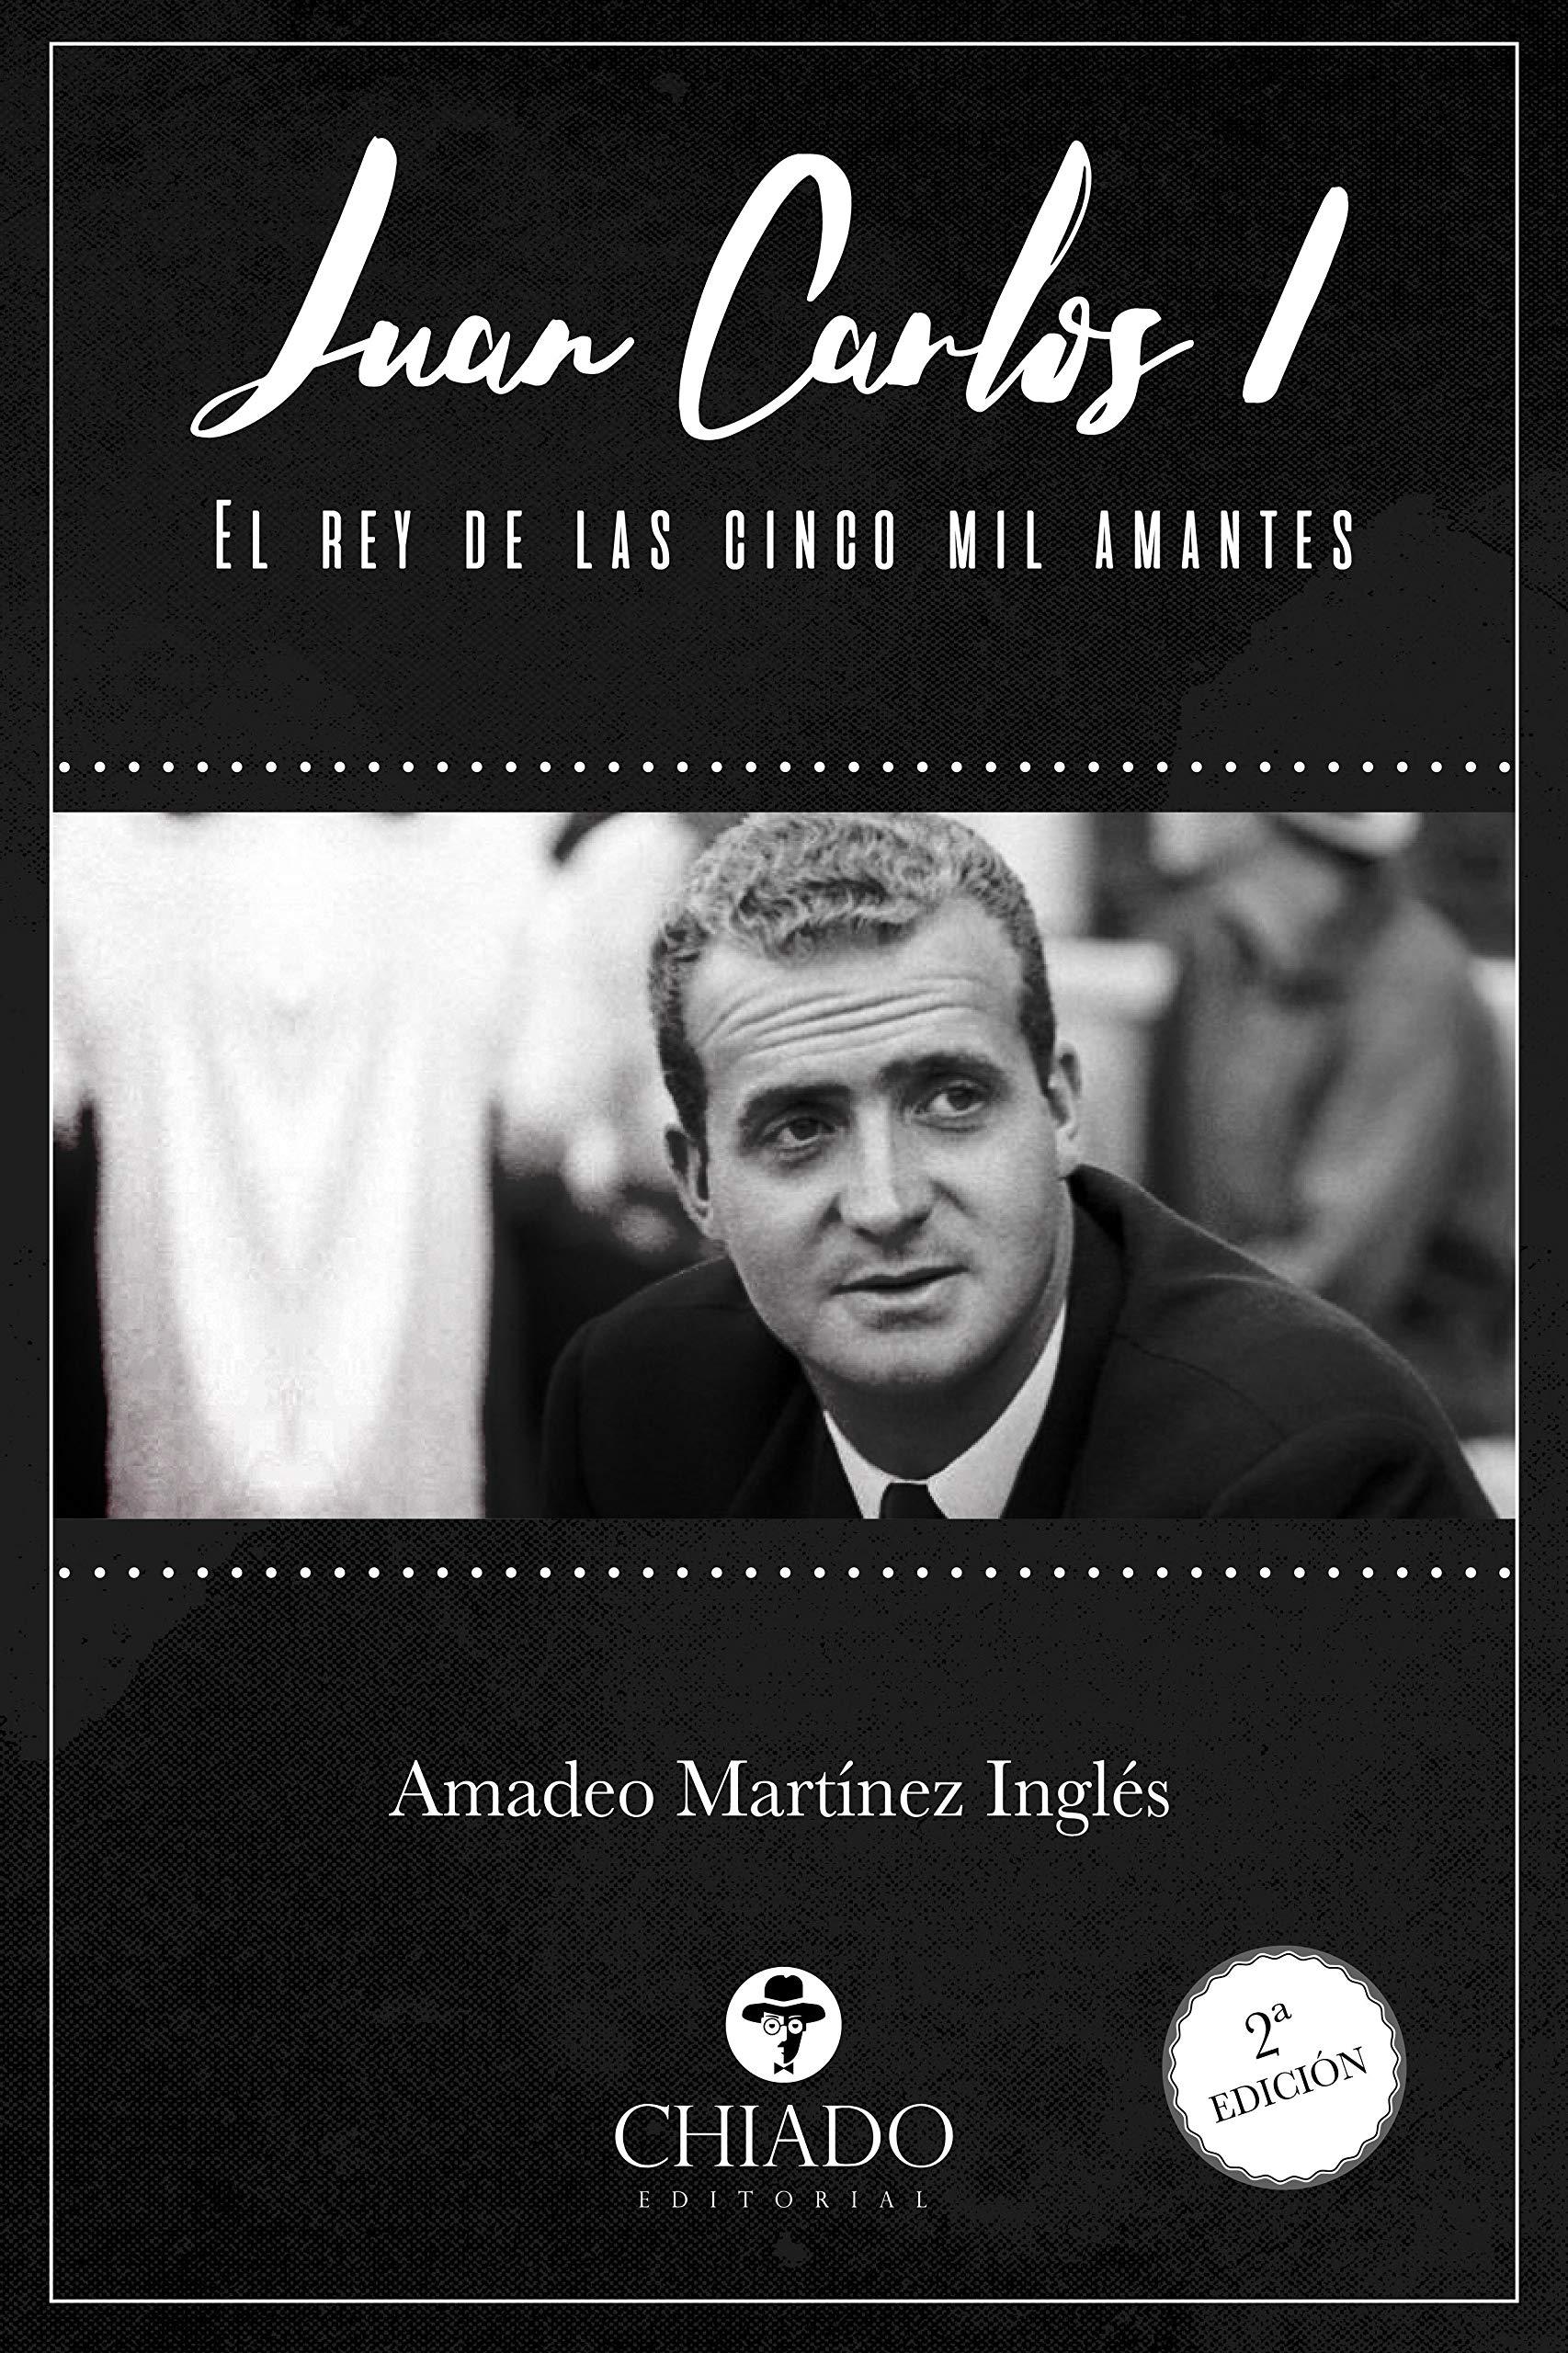 Juan Carlos I. El rey de las cinco mil amantes: Amazon.es: Amadeo Martinez  Ingles, Amadeo Martinez Ingles: Libros